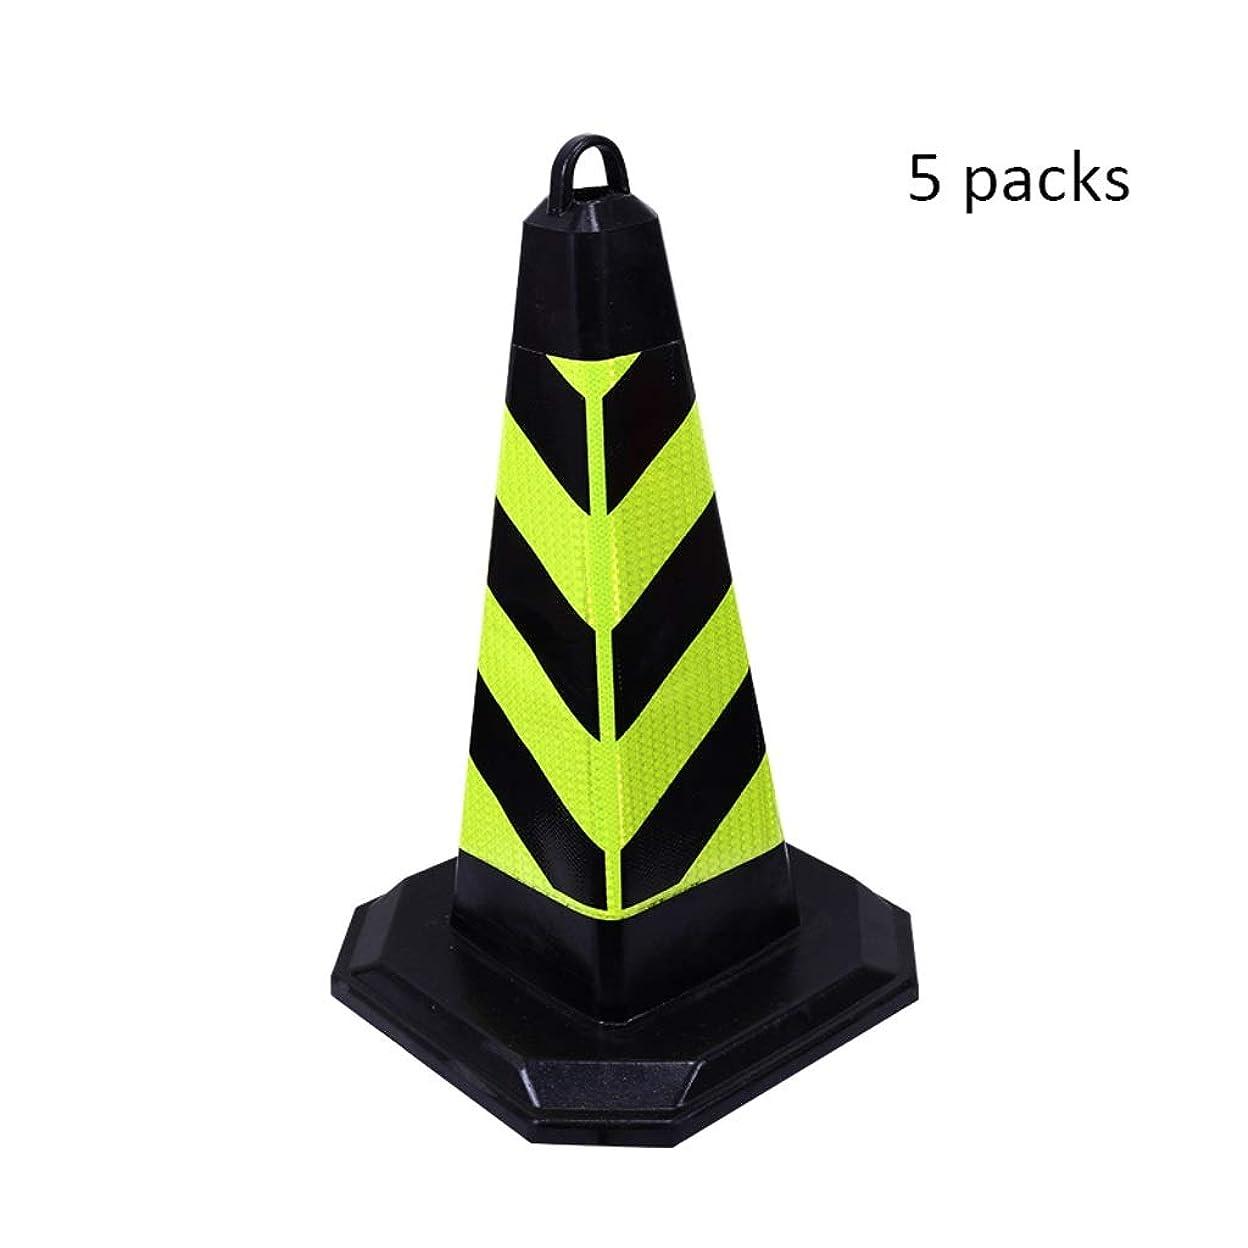 微妙仕立て屋トーン安全カラーコーン ラバーロードコーンリフティングリング反射スクエアコーンRoadblockコーントラフィックコーンバレル警告列 カラーコーン (Color : 5 packs, サイズ : 70cm)